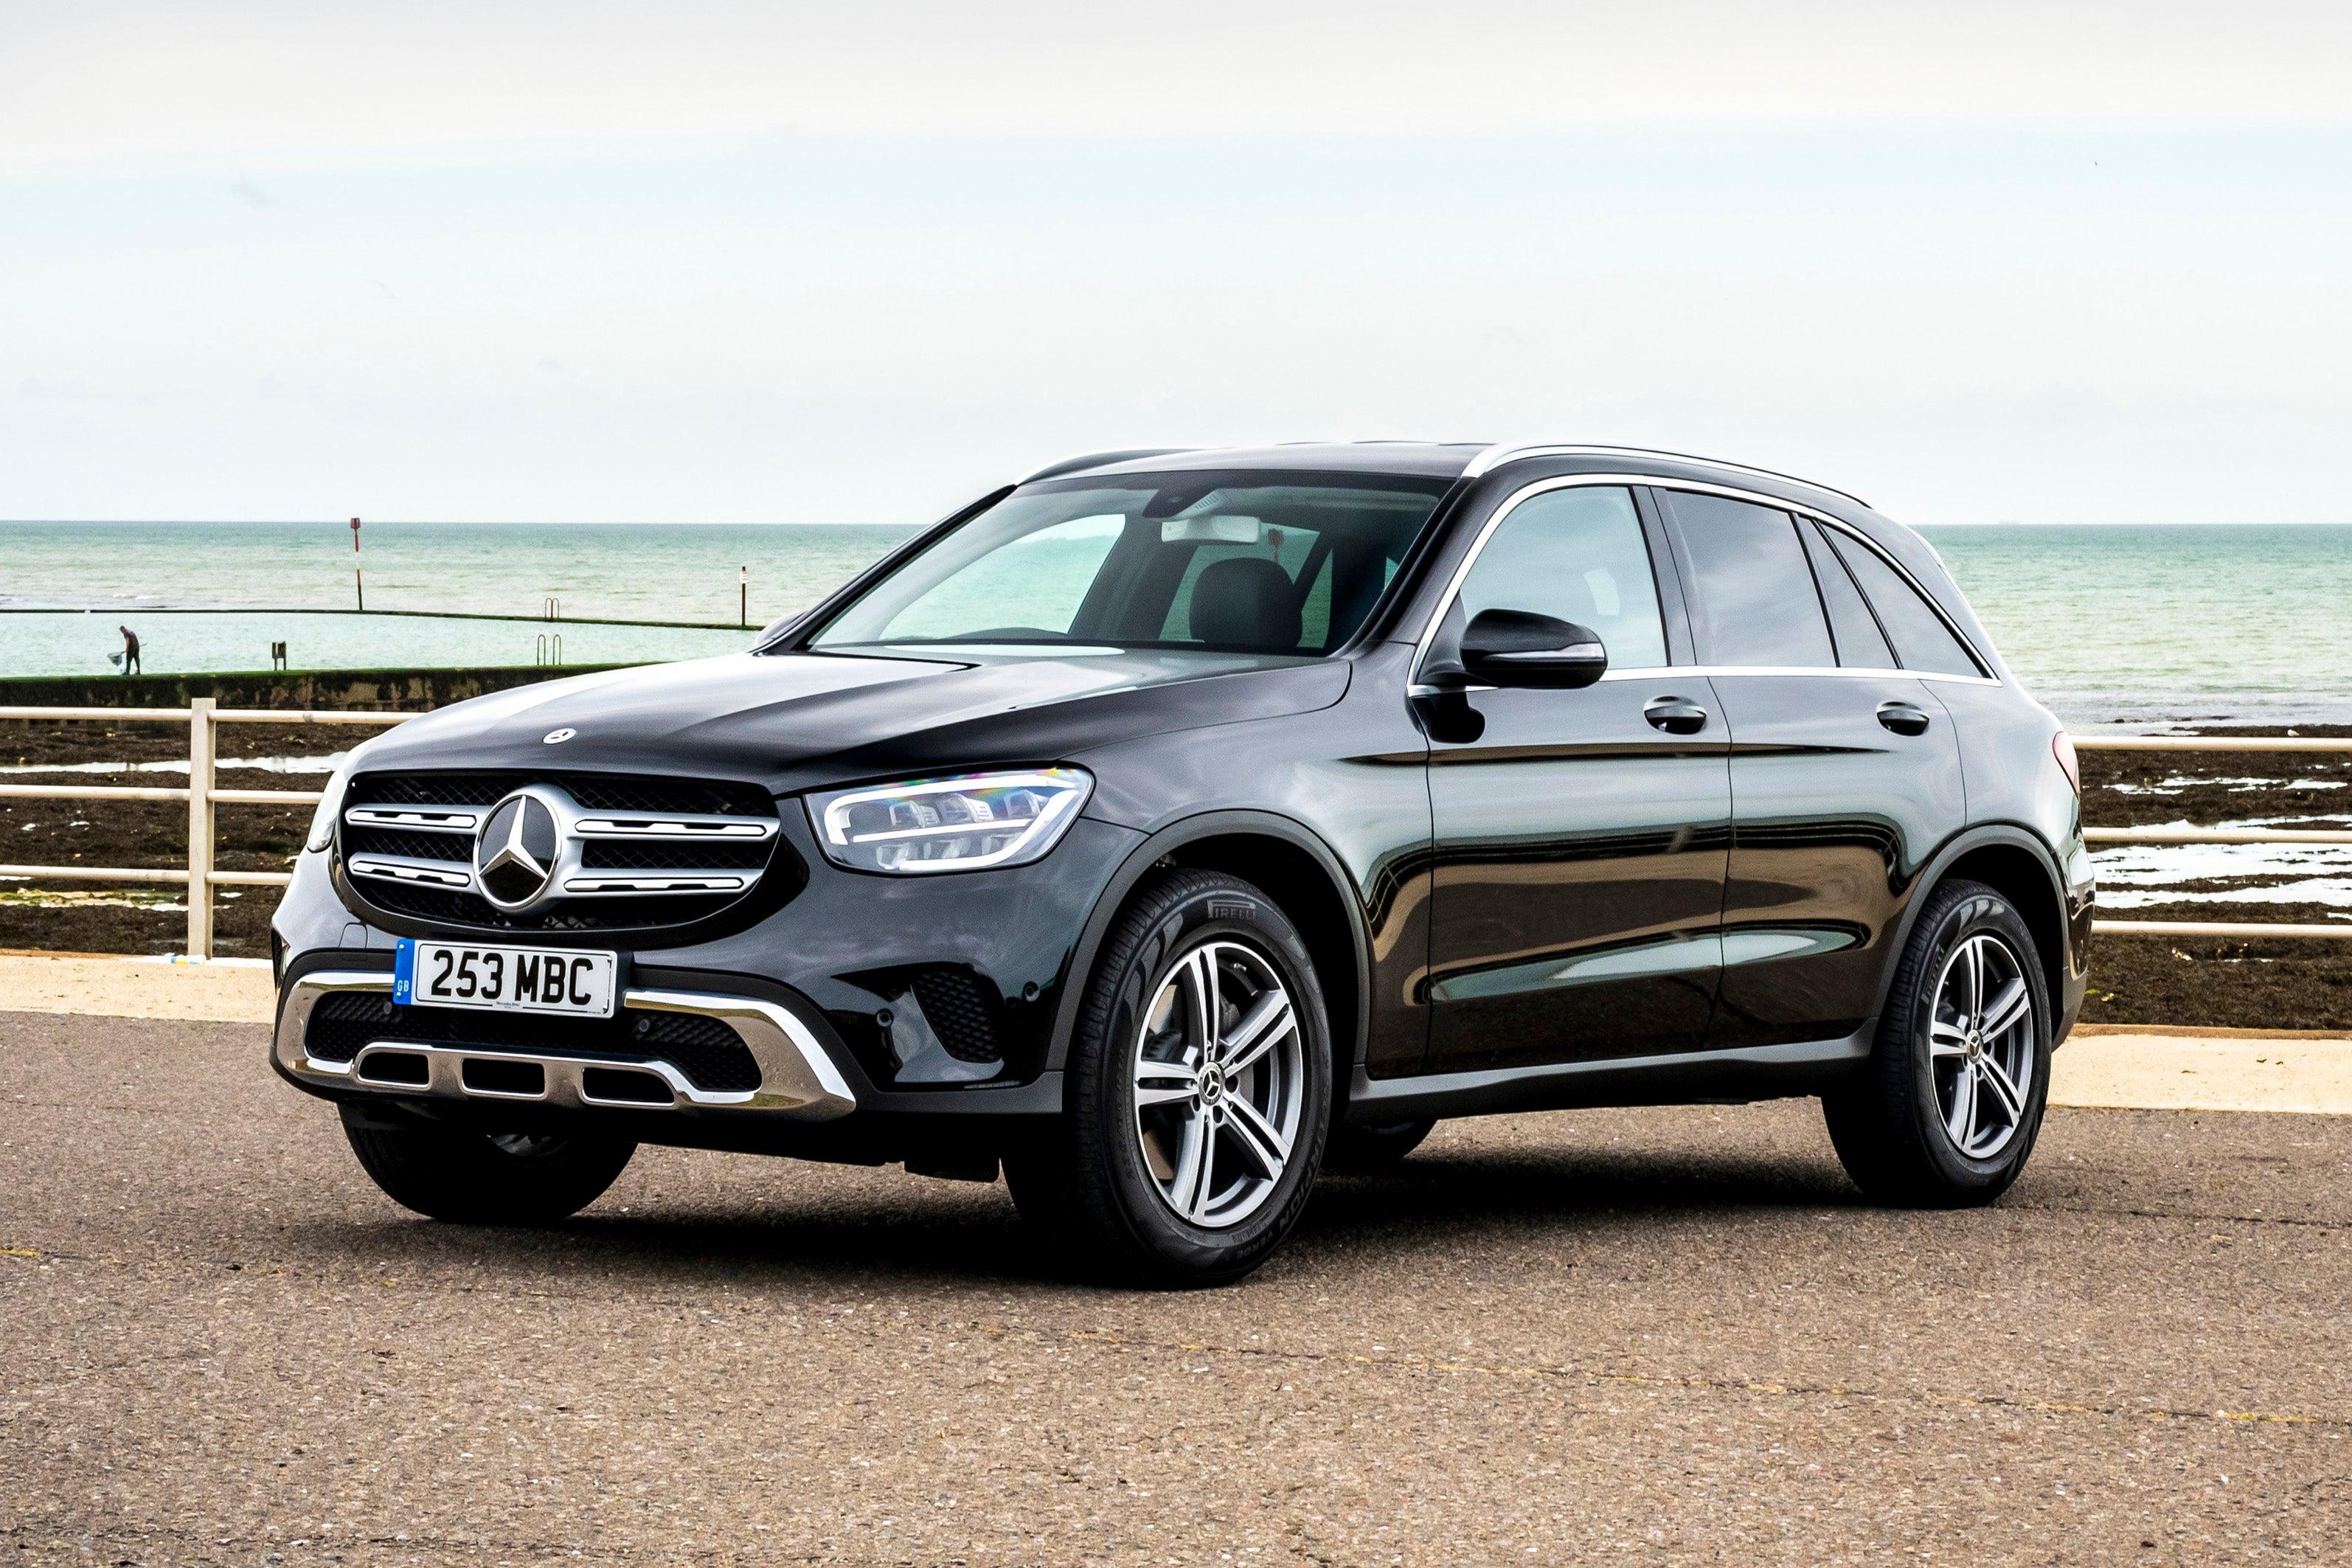 Mercedes GLC frontleft exterior